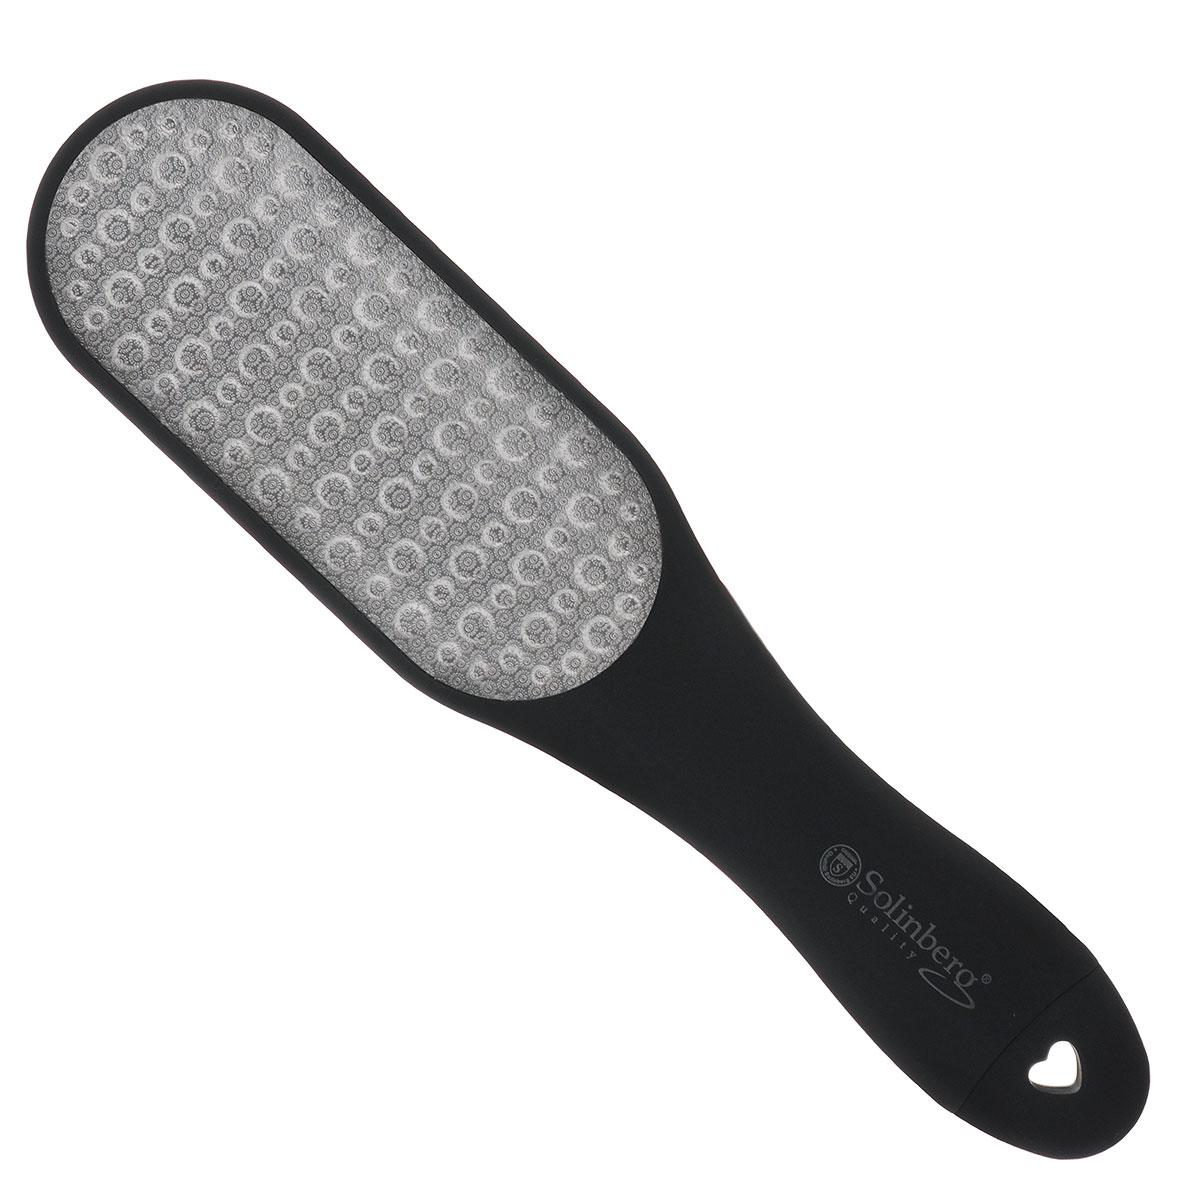 Solinberg Терка для обработки мозолей и огрубевшей кожи ног GD-4240DS, двусторонняяFM 5567 weis-grauДвусторонняя вогнутая терка с лазерными насечками и пилочкой для ногтей предназначена для ухода за огрубевшей кожей ног. Способ применения: распарьте ступни ног и равномерными движениями удалите загрубевшую кожу. Пилочкой в ручке терки, при необходимости, обработайте ногти. После процедуры смажьте ступни смягчающим кремом.Товар сертифицирован.